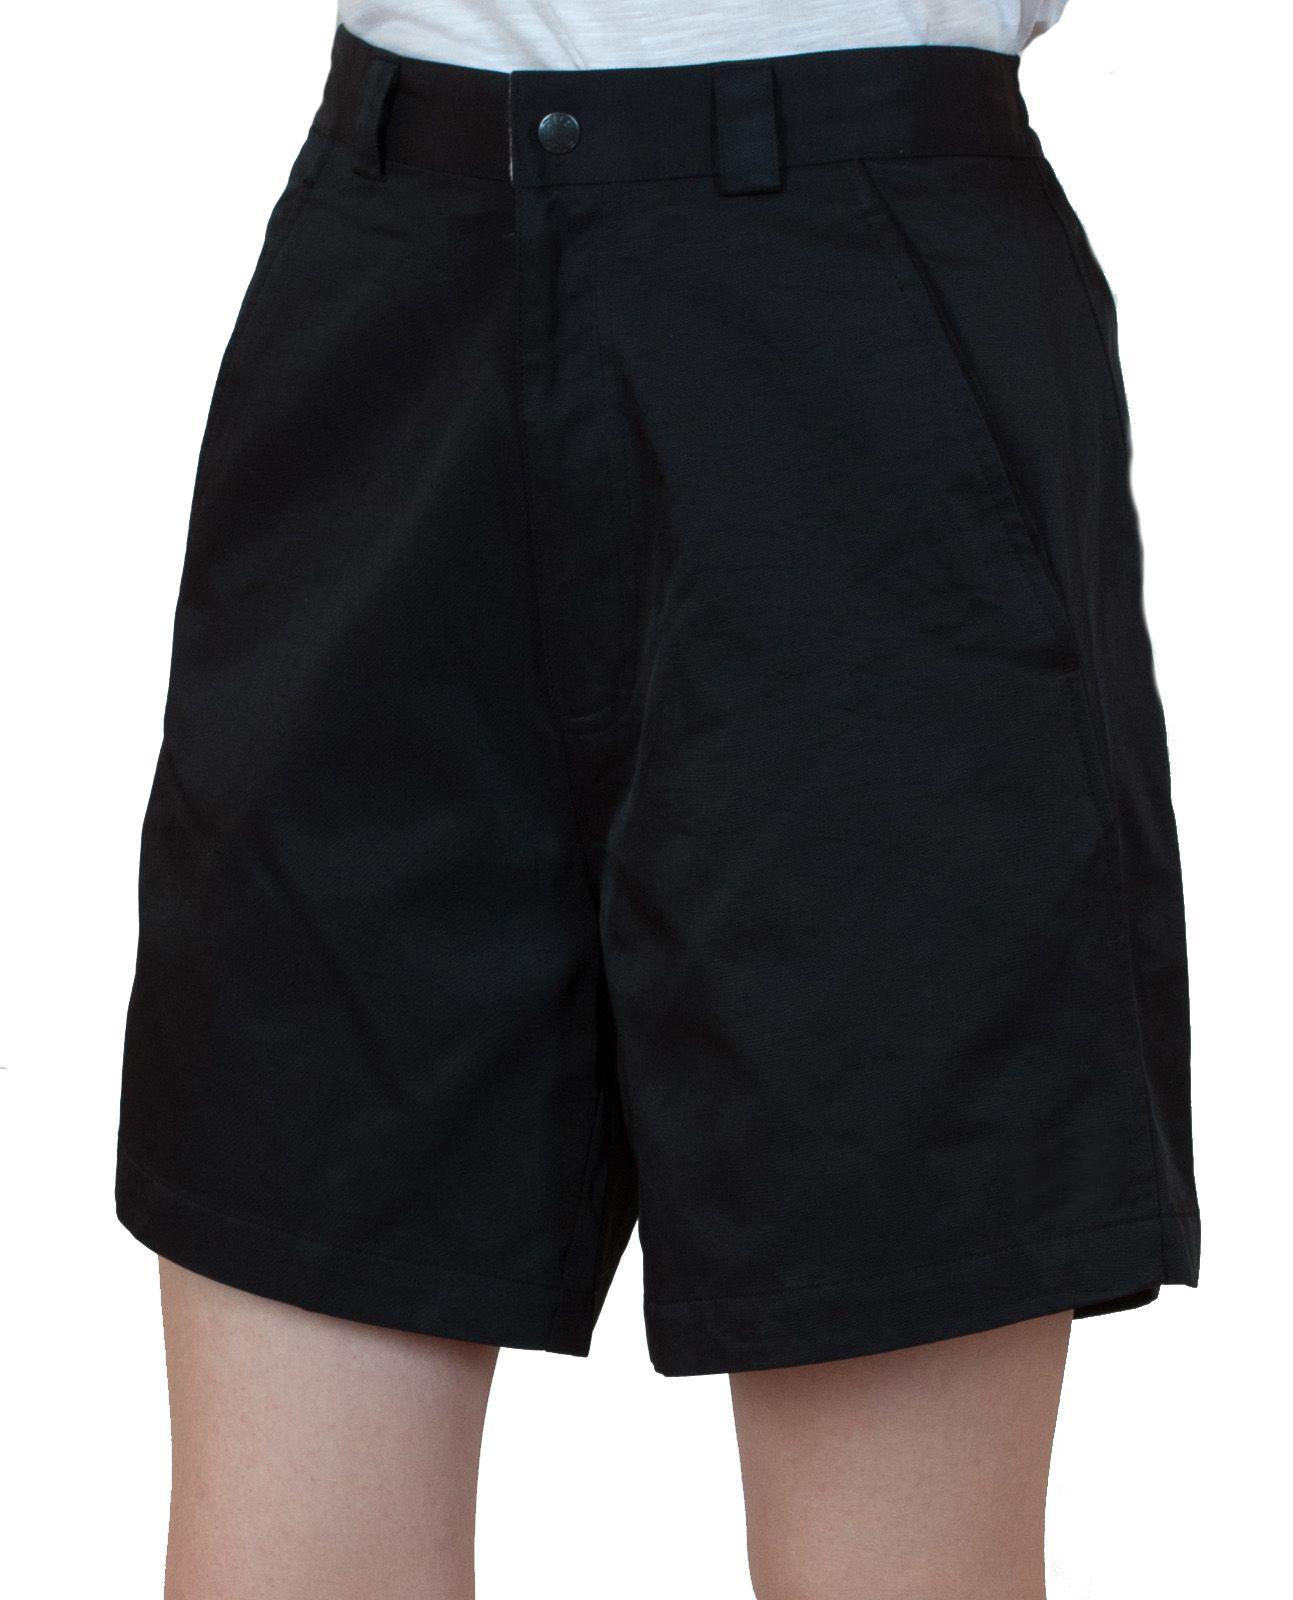 Черные женские шорты для спорта